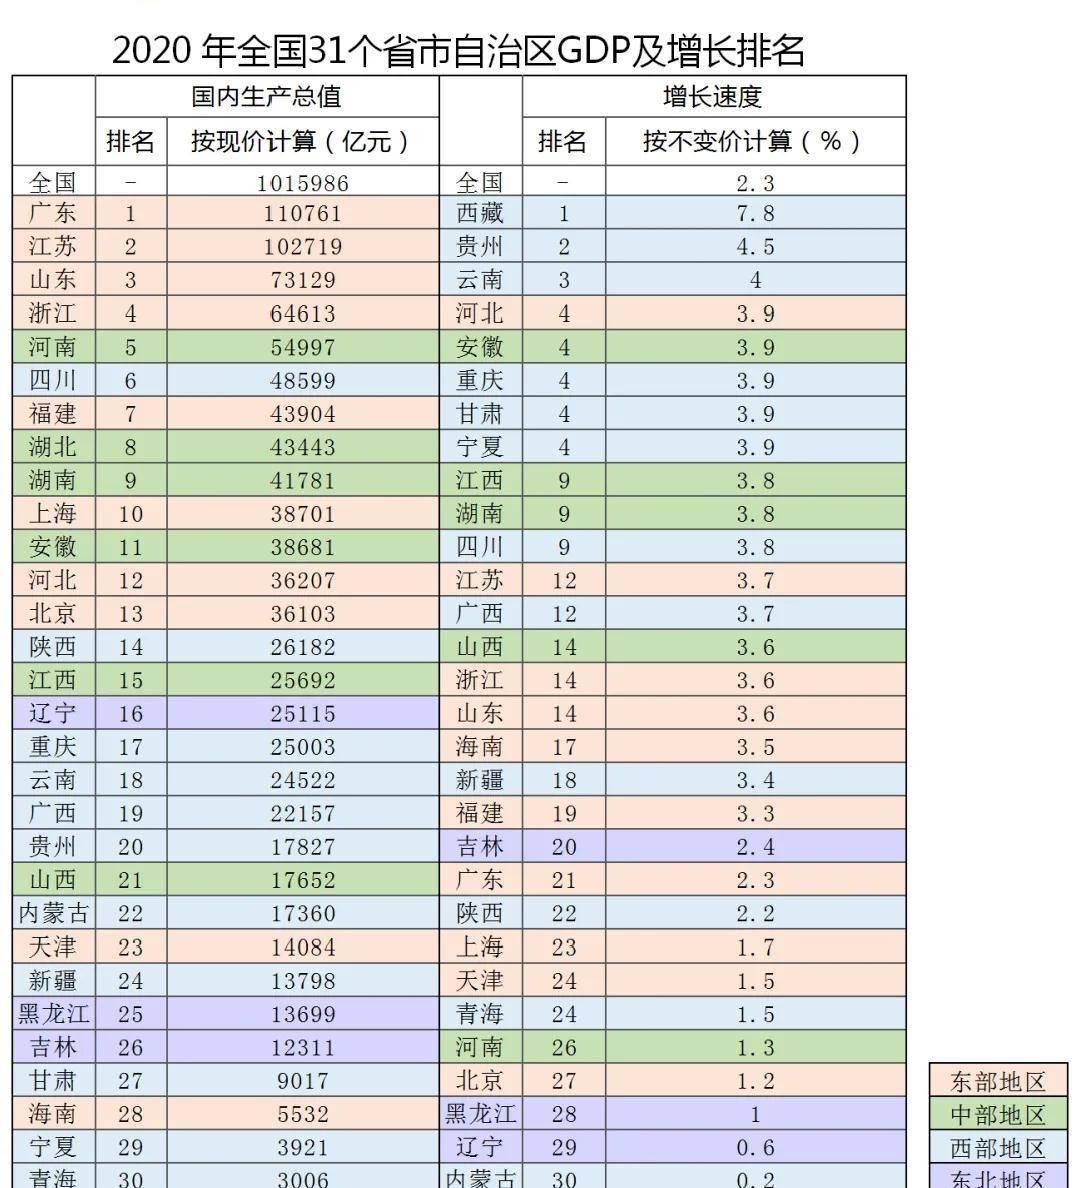 广东 的经济总量排名第几_广东各市退休金排名